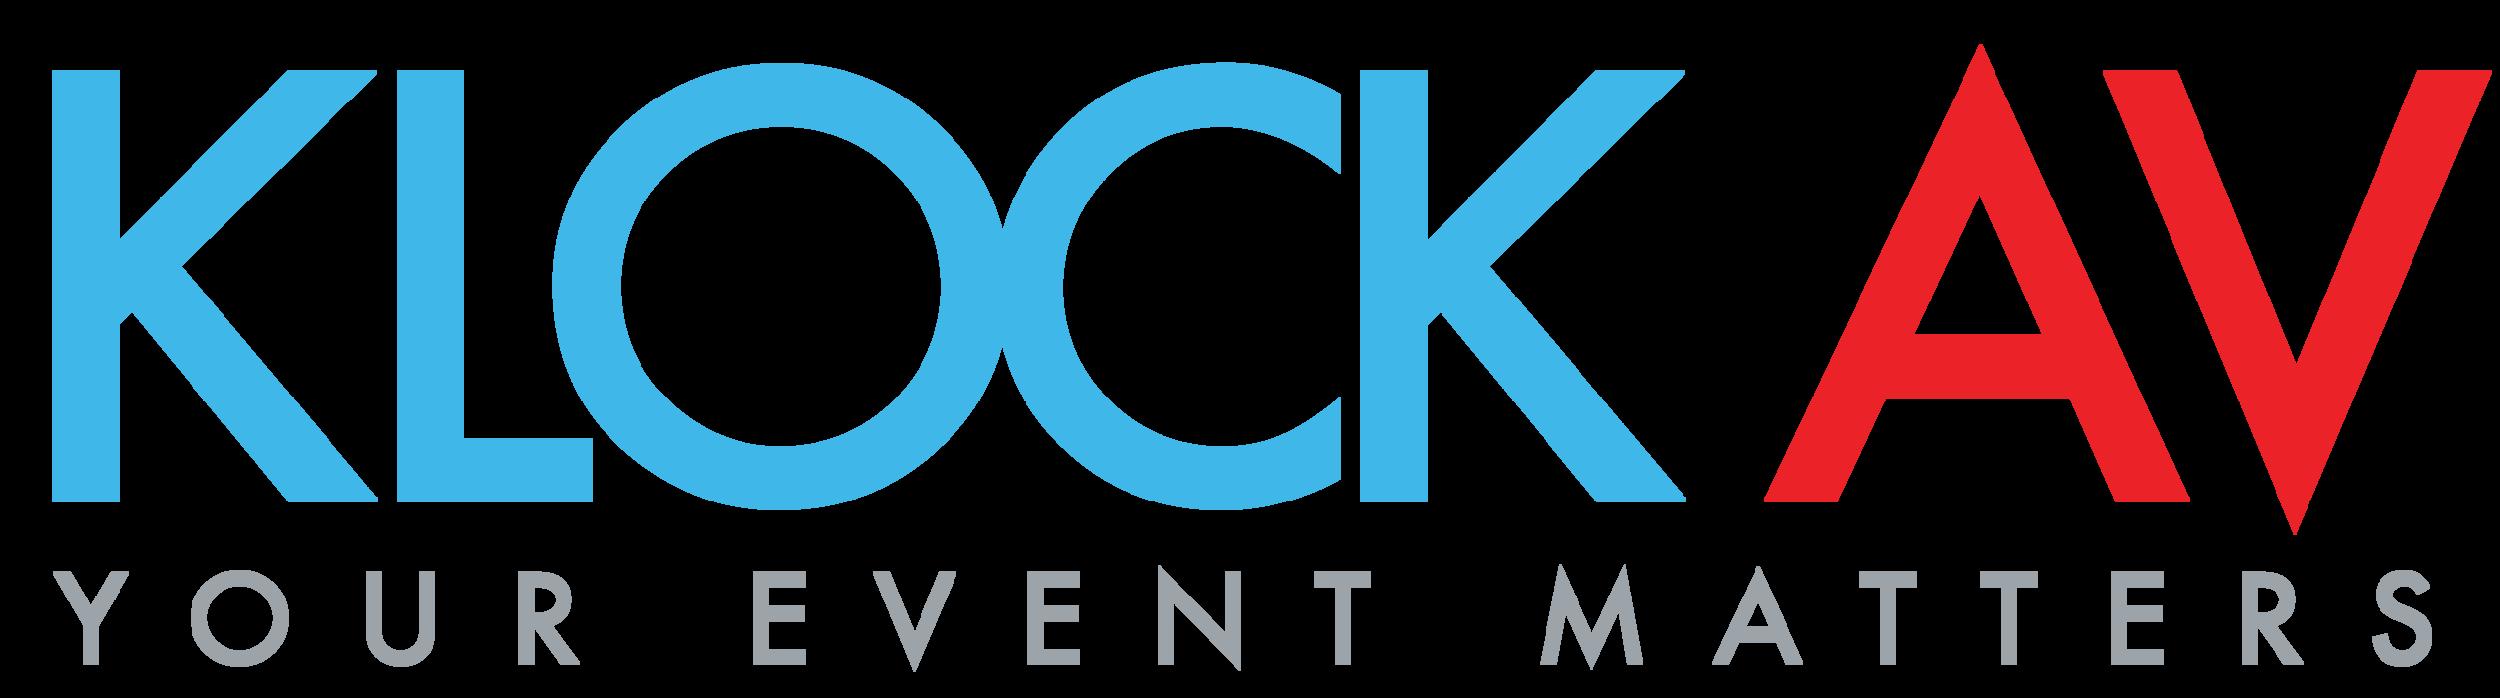 KLOCK-AV-TRANS.png